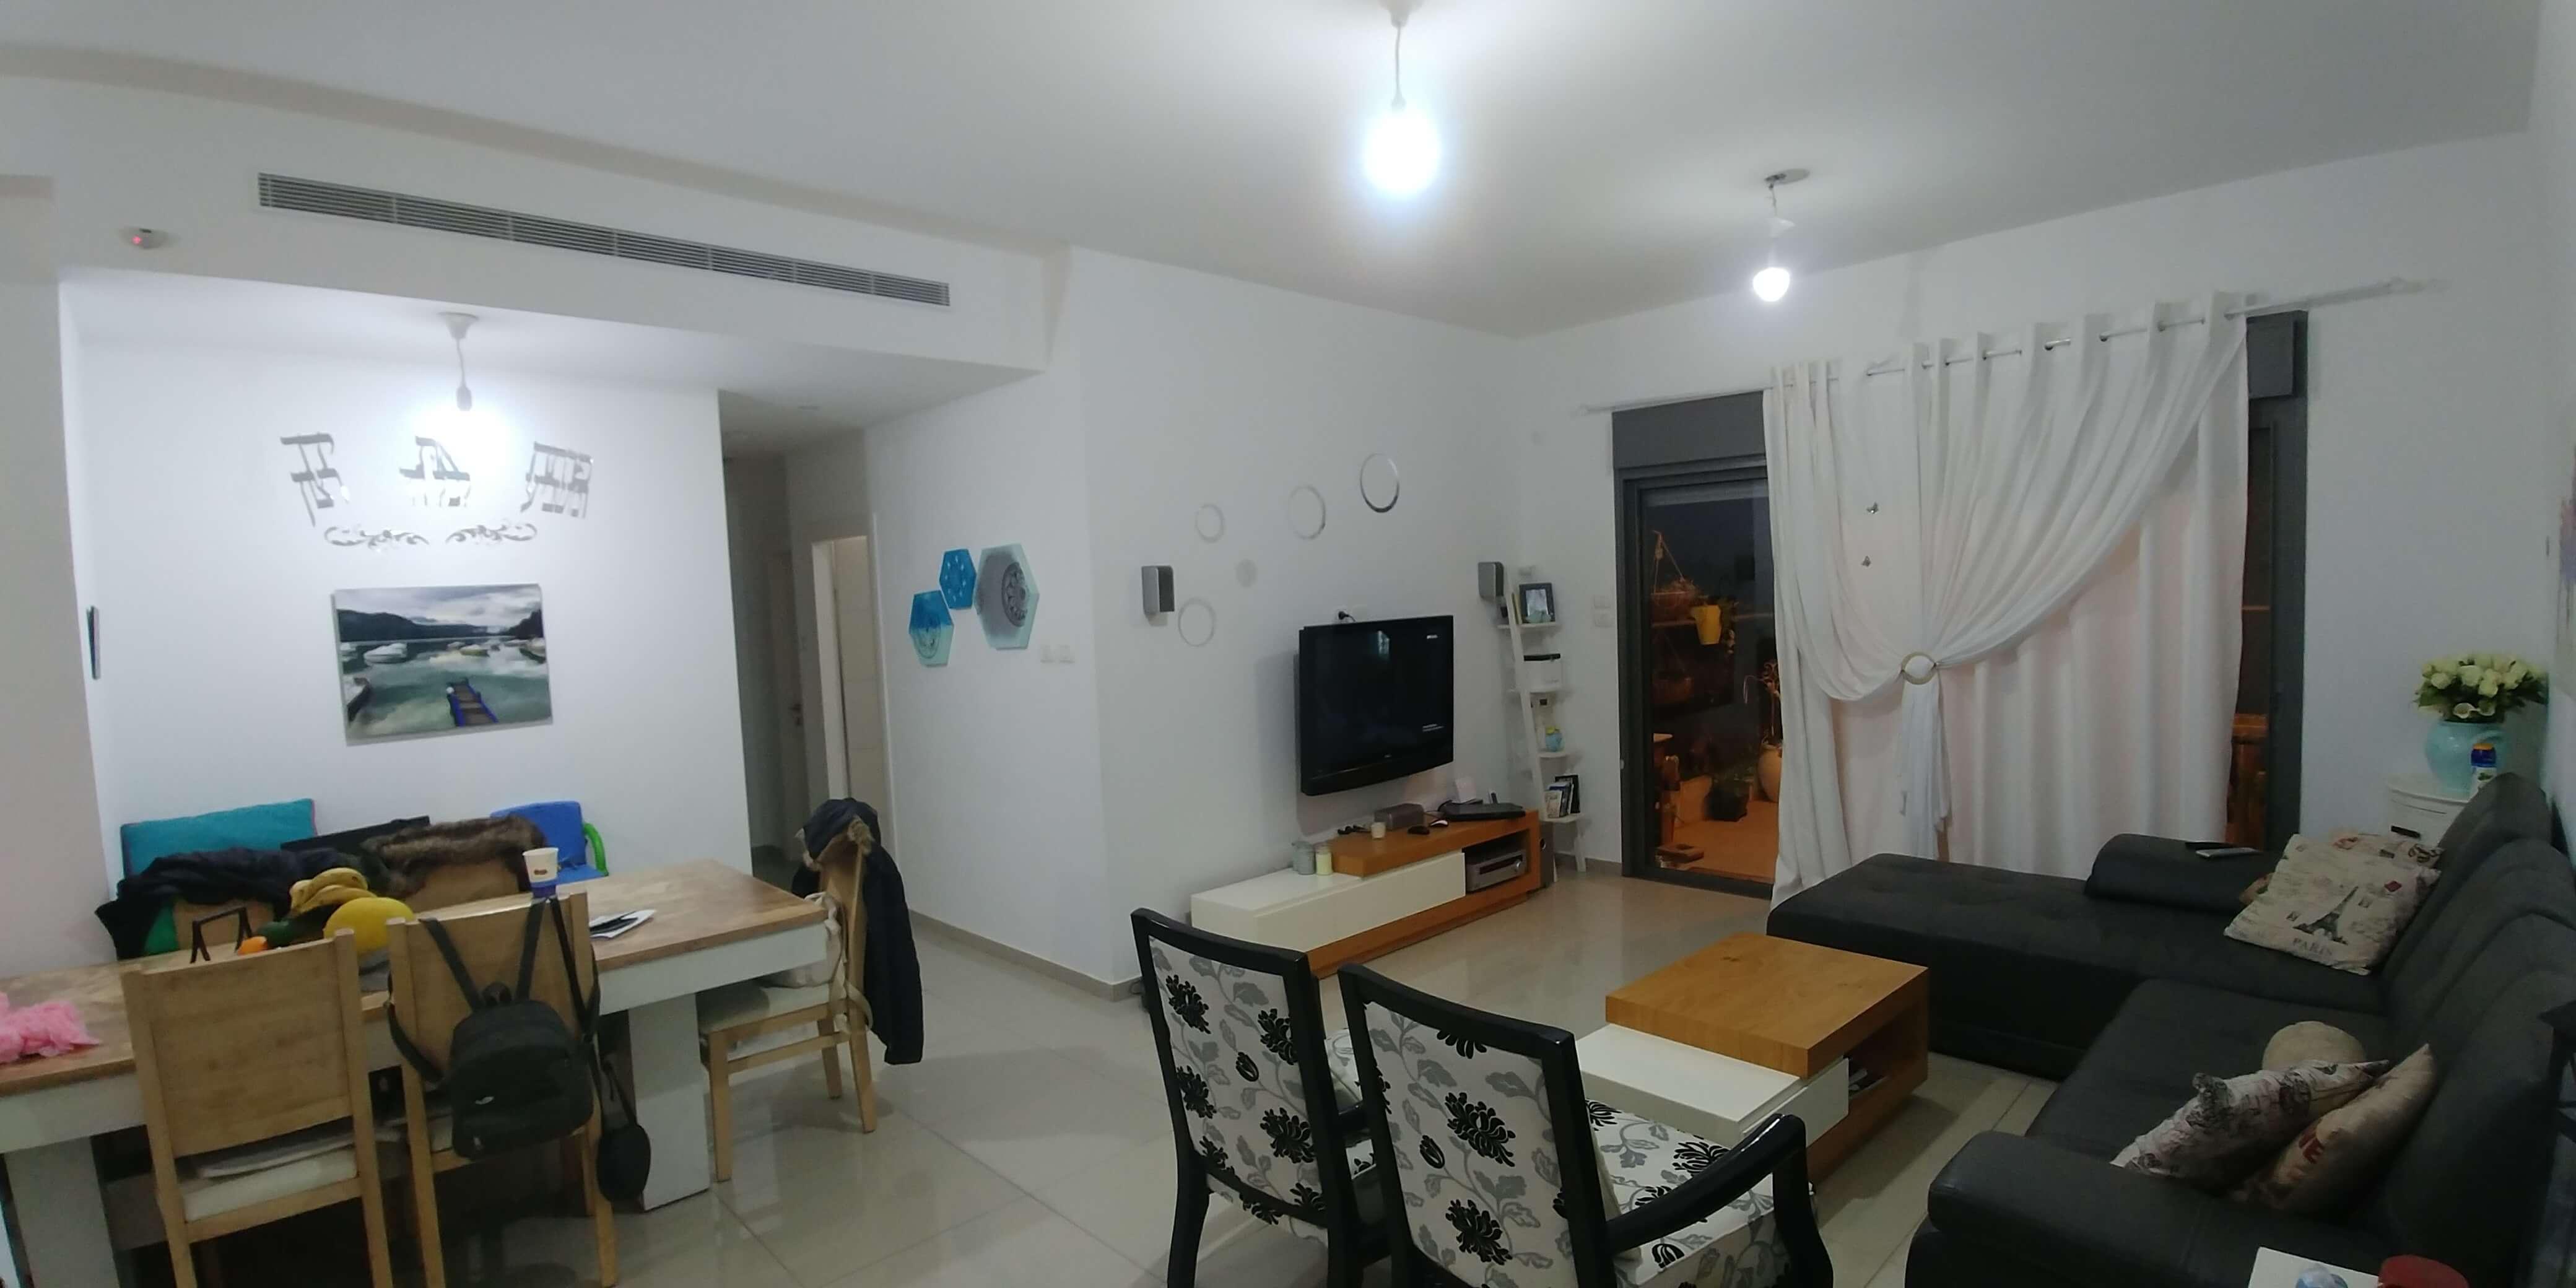 הוראות חדשות דירה 4 חדרים ביונתן רטוש, פסגות אפק, ראש העין | לוח דירות למכירה PW-68